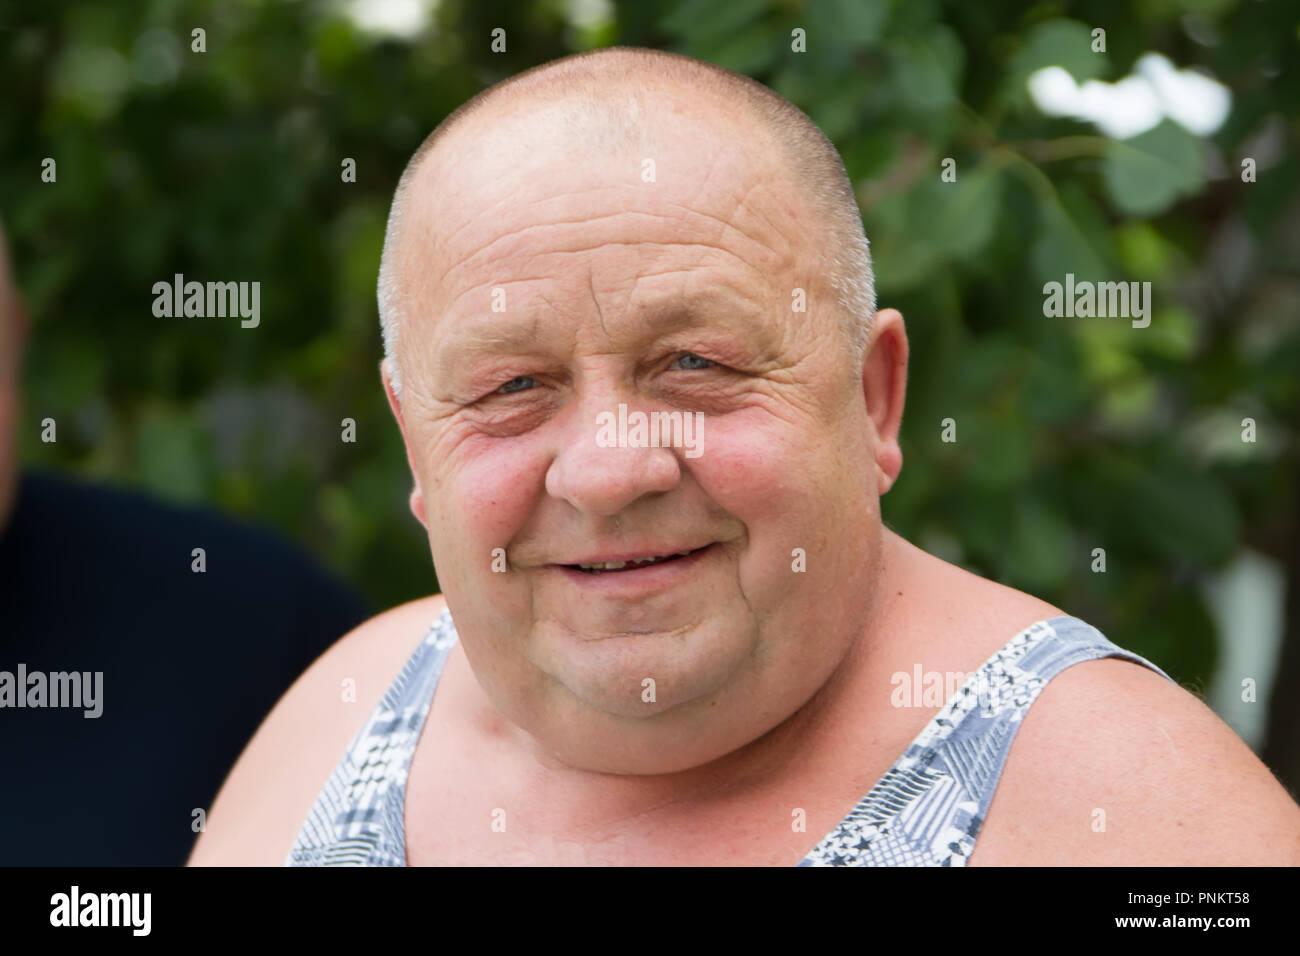 La Bielorussia, Gomel, 14 giugno 2018. Il villaggio Zyabrovka. Vacanze sulla strada. Ritratto di un Russo anziano uomo. Il normale uomo anziano Immagini Stock